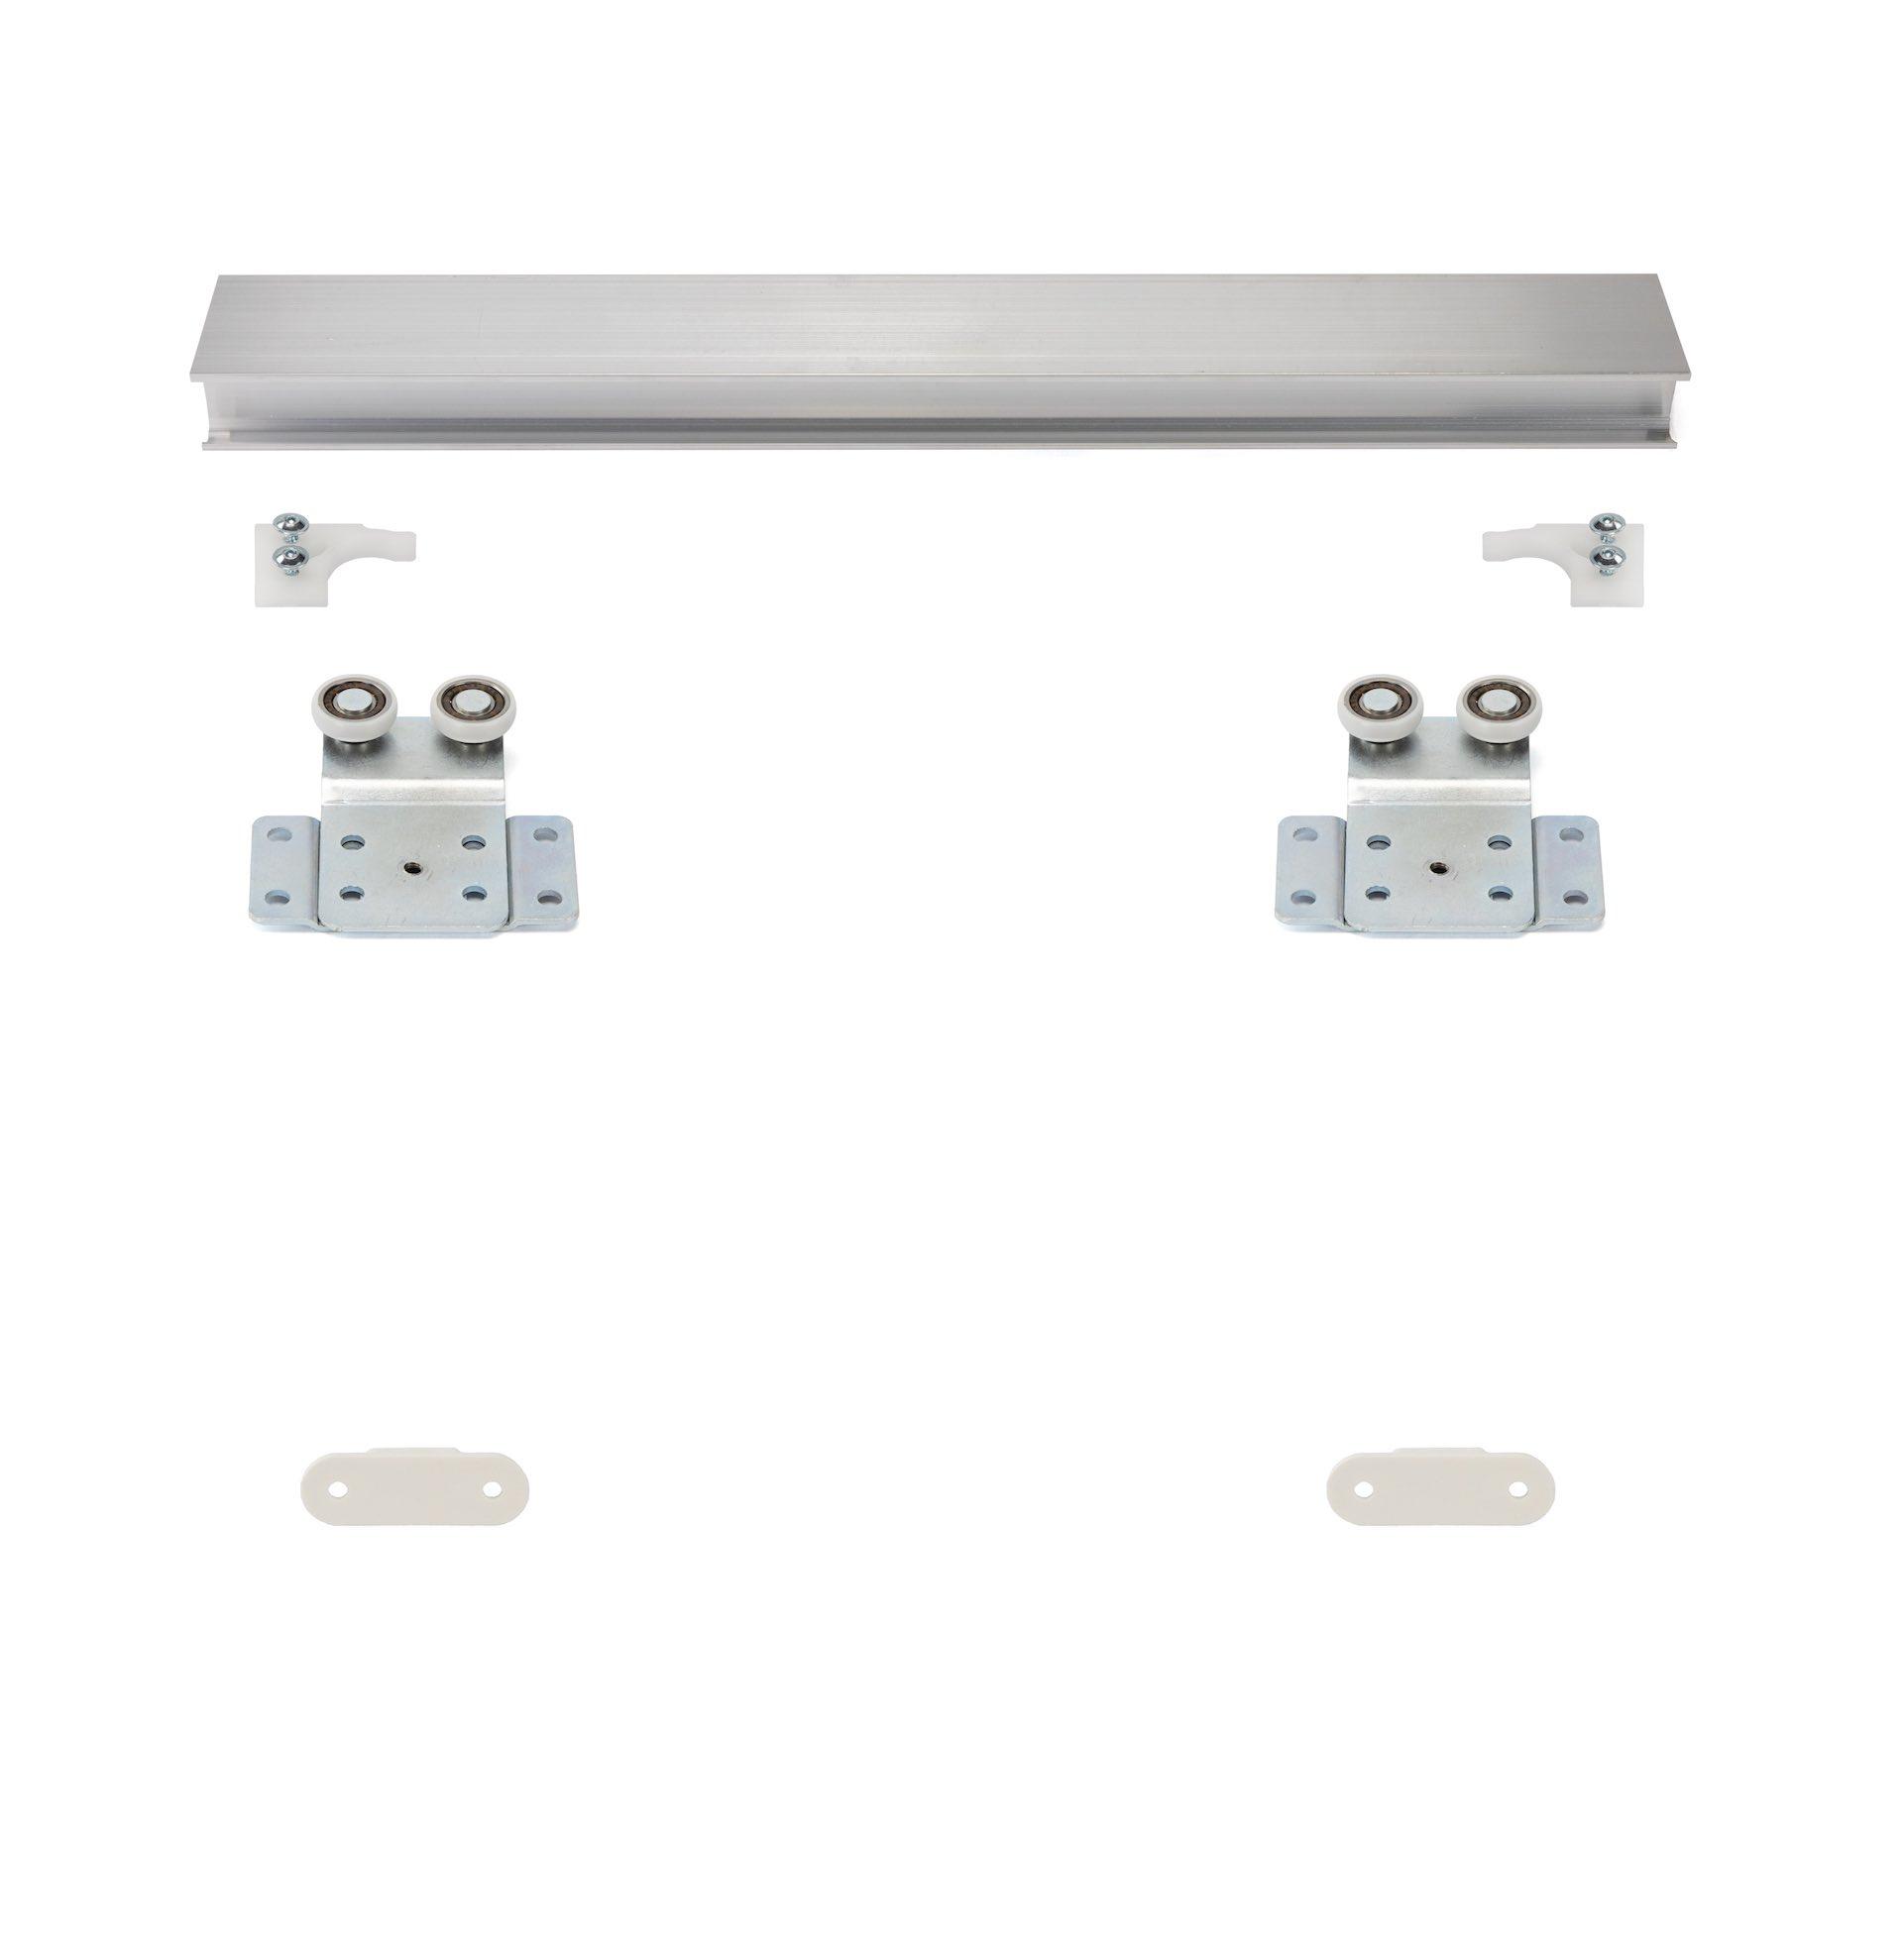 MSH-Komfort | Schiebetür-Bausatz Hängesystem für Möbeltüren im Korpus